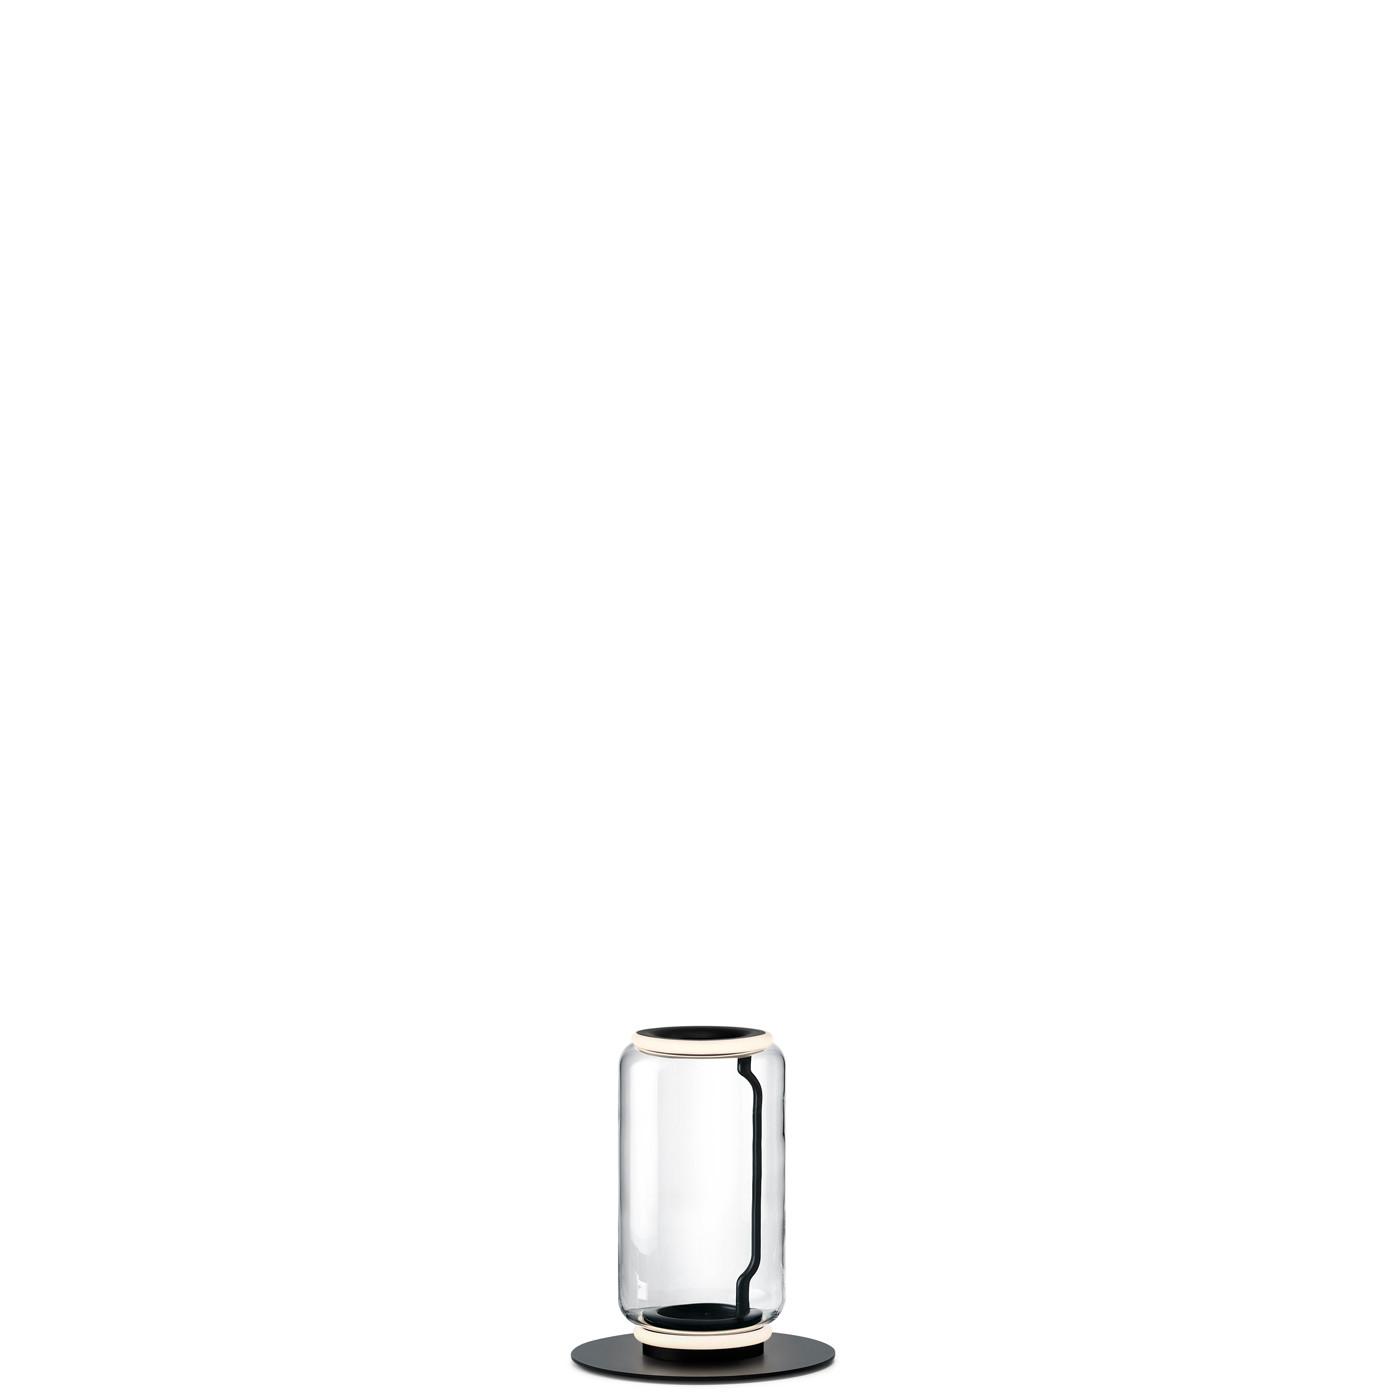 Flos Noctambule Low Cylinders F LED